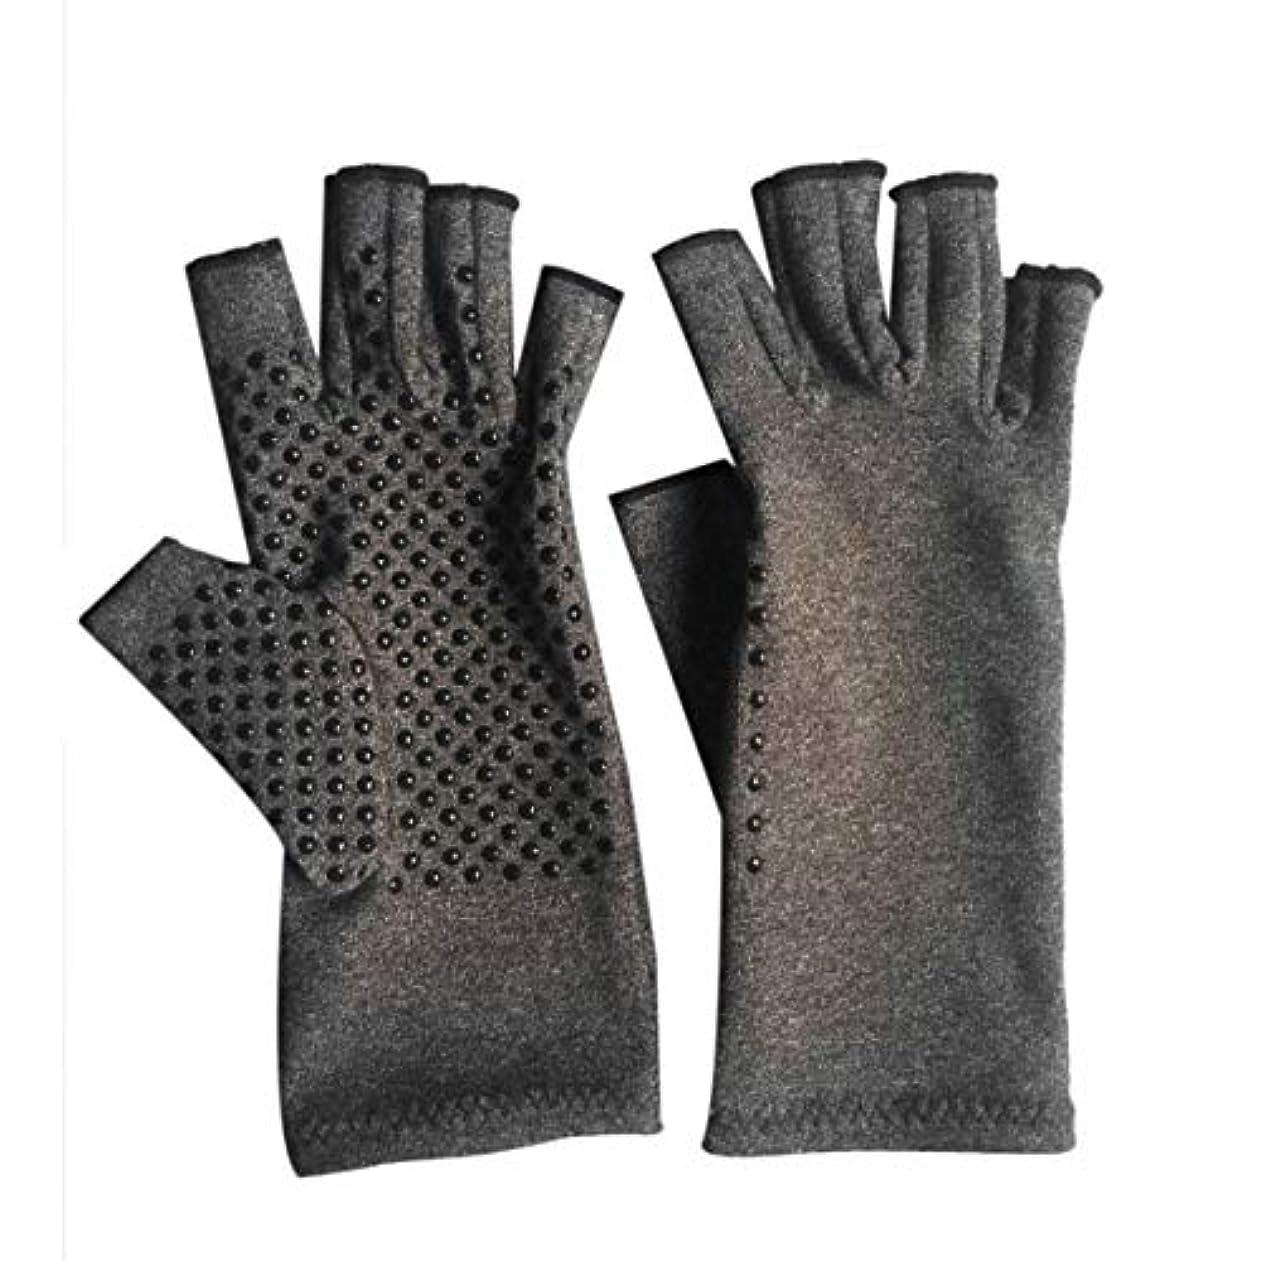 ランドマーク呪い装置1ペアユニセックス男性女性療法圧縮手袋関節炎関節痛緩和ヘルスケア半指手袋トレーニング手袋 - グレーM